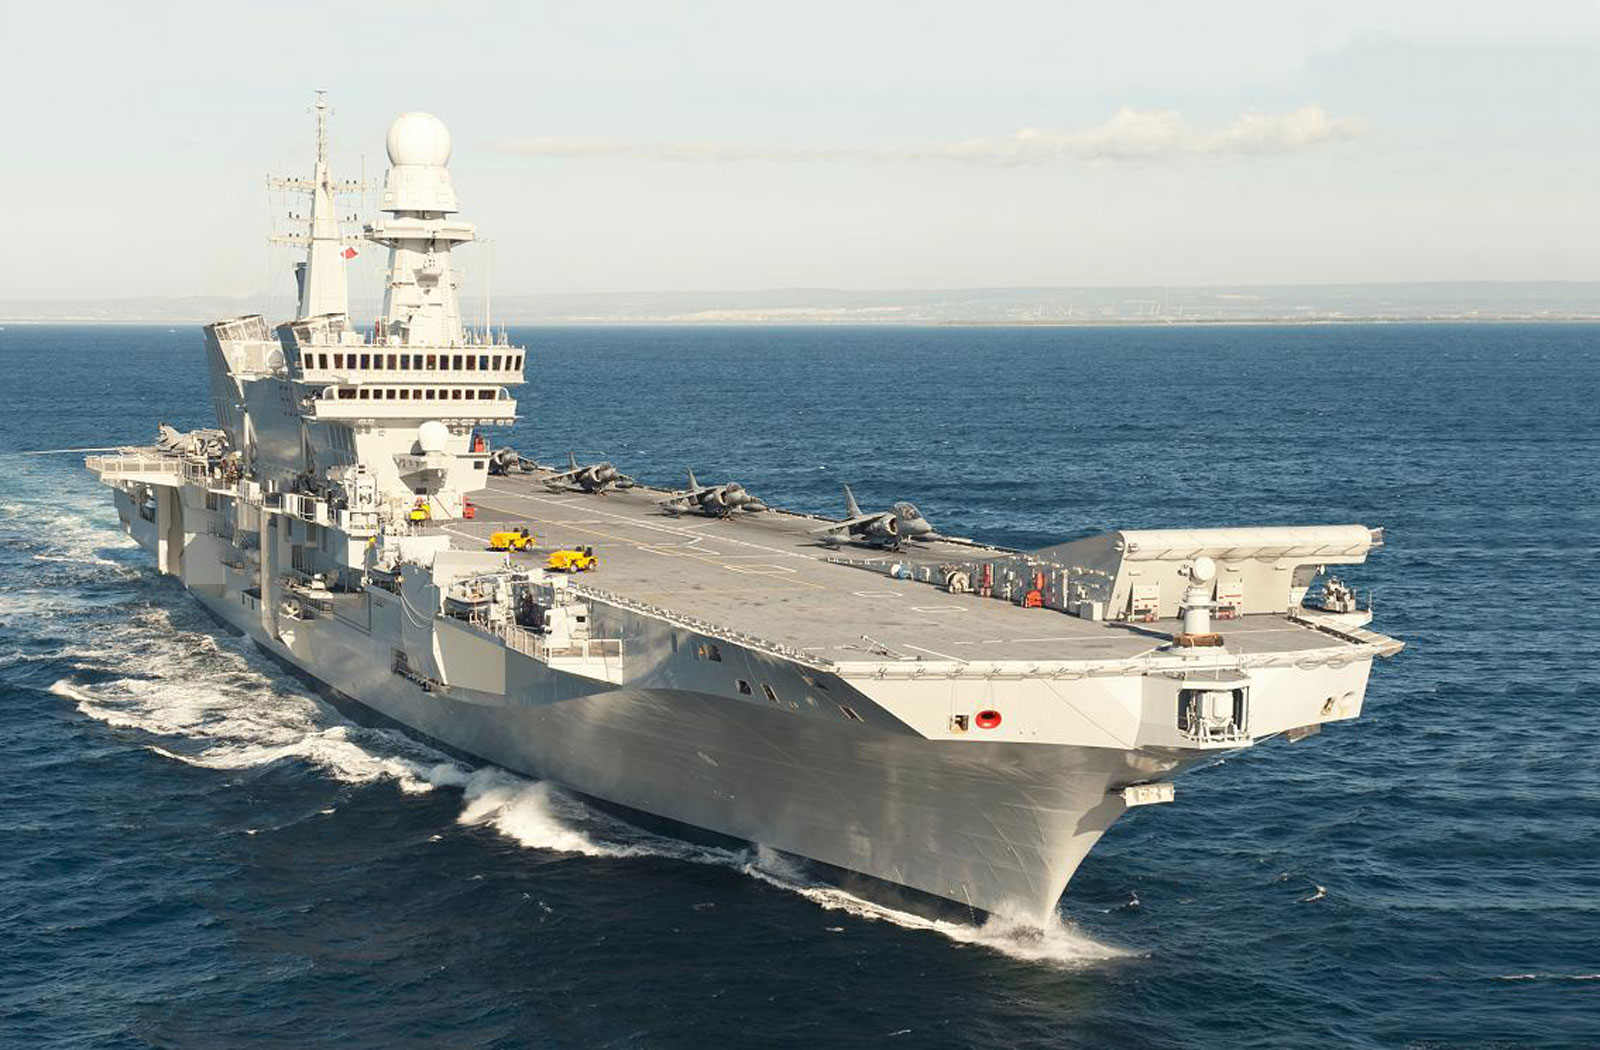 Un mare di sorrisi a bordo della portaerei cavour - Nuova portaerei ...